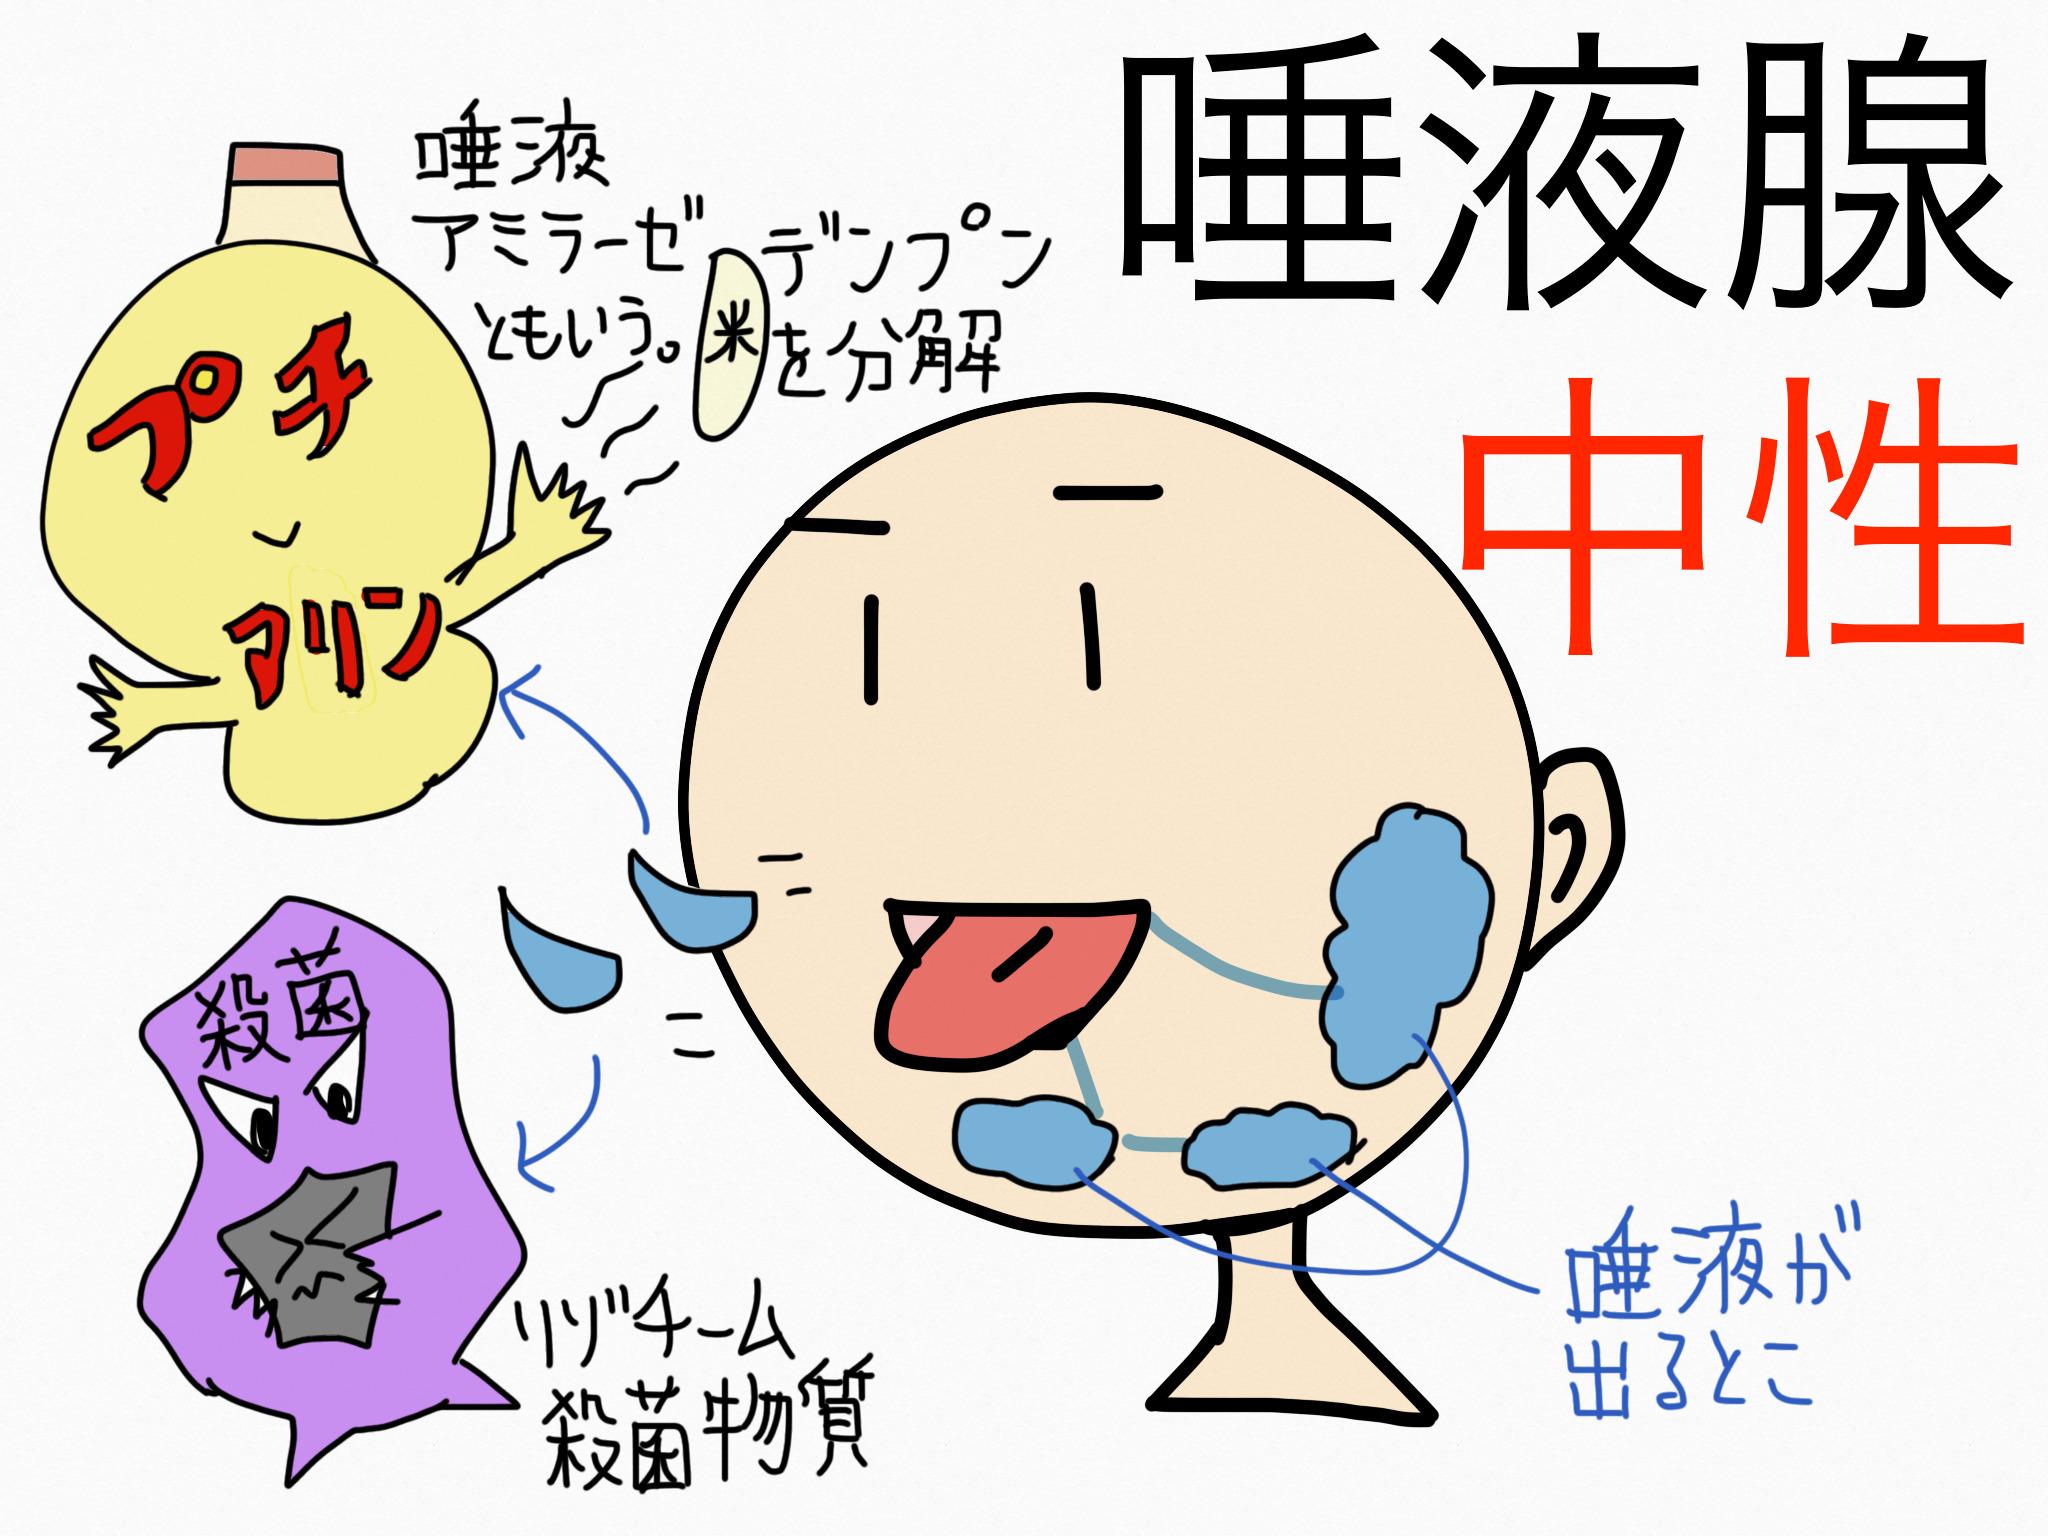 消化器系/口腔【第2章の覚え方】